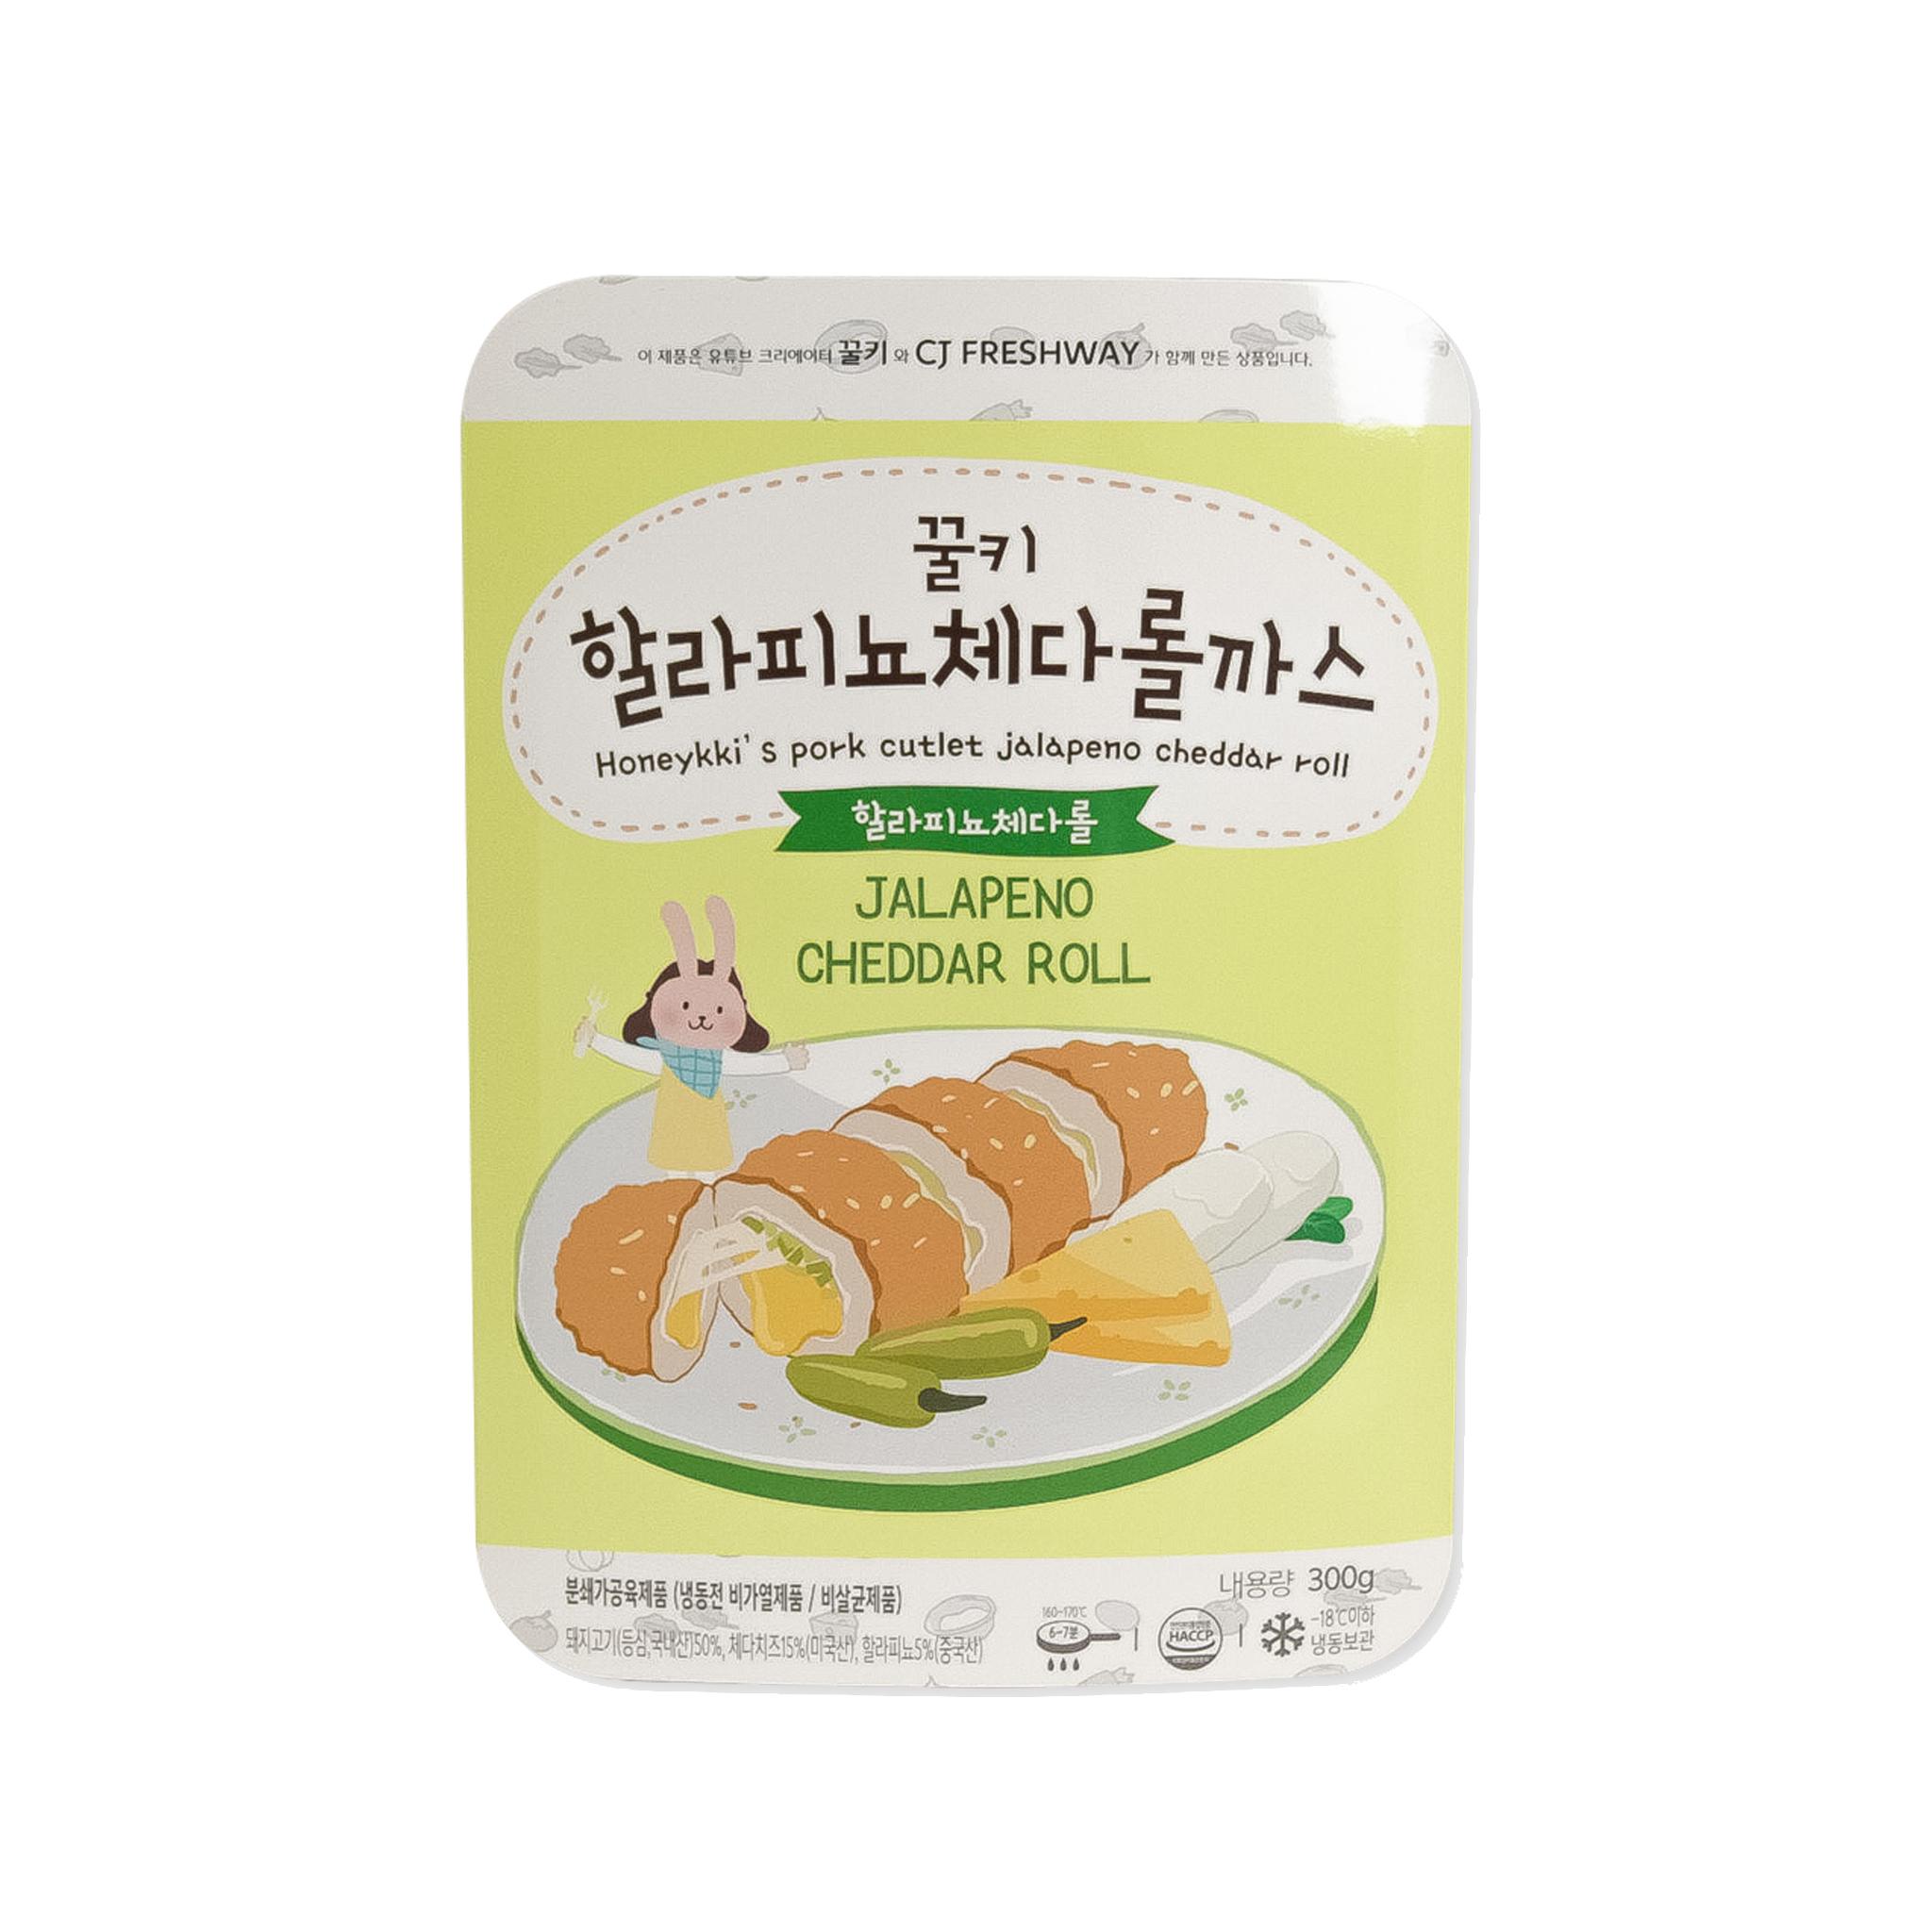 [CJ프레시웨이] 꿀키 할라피뇨 체다롤까스